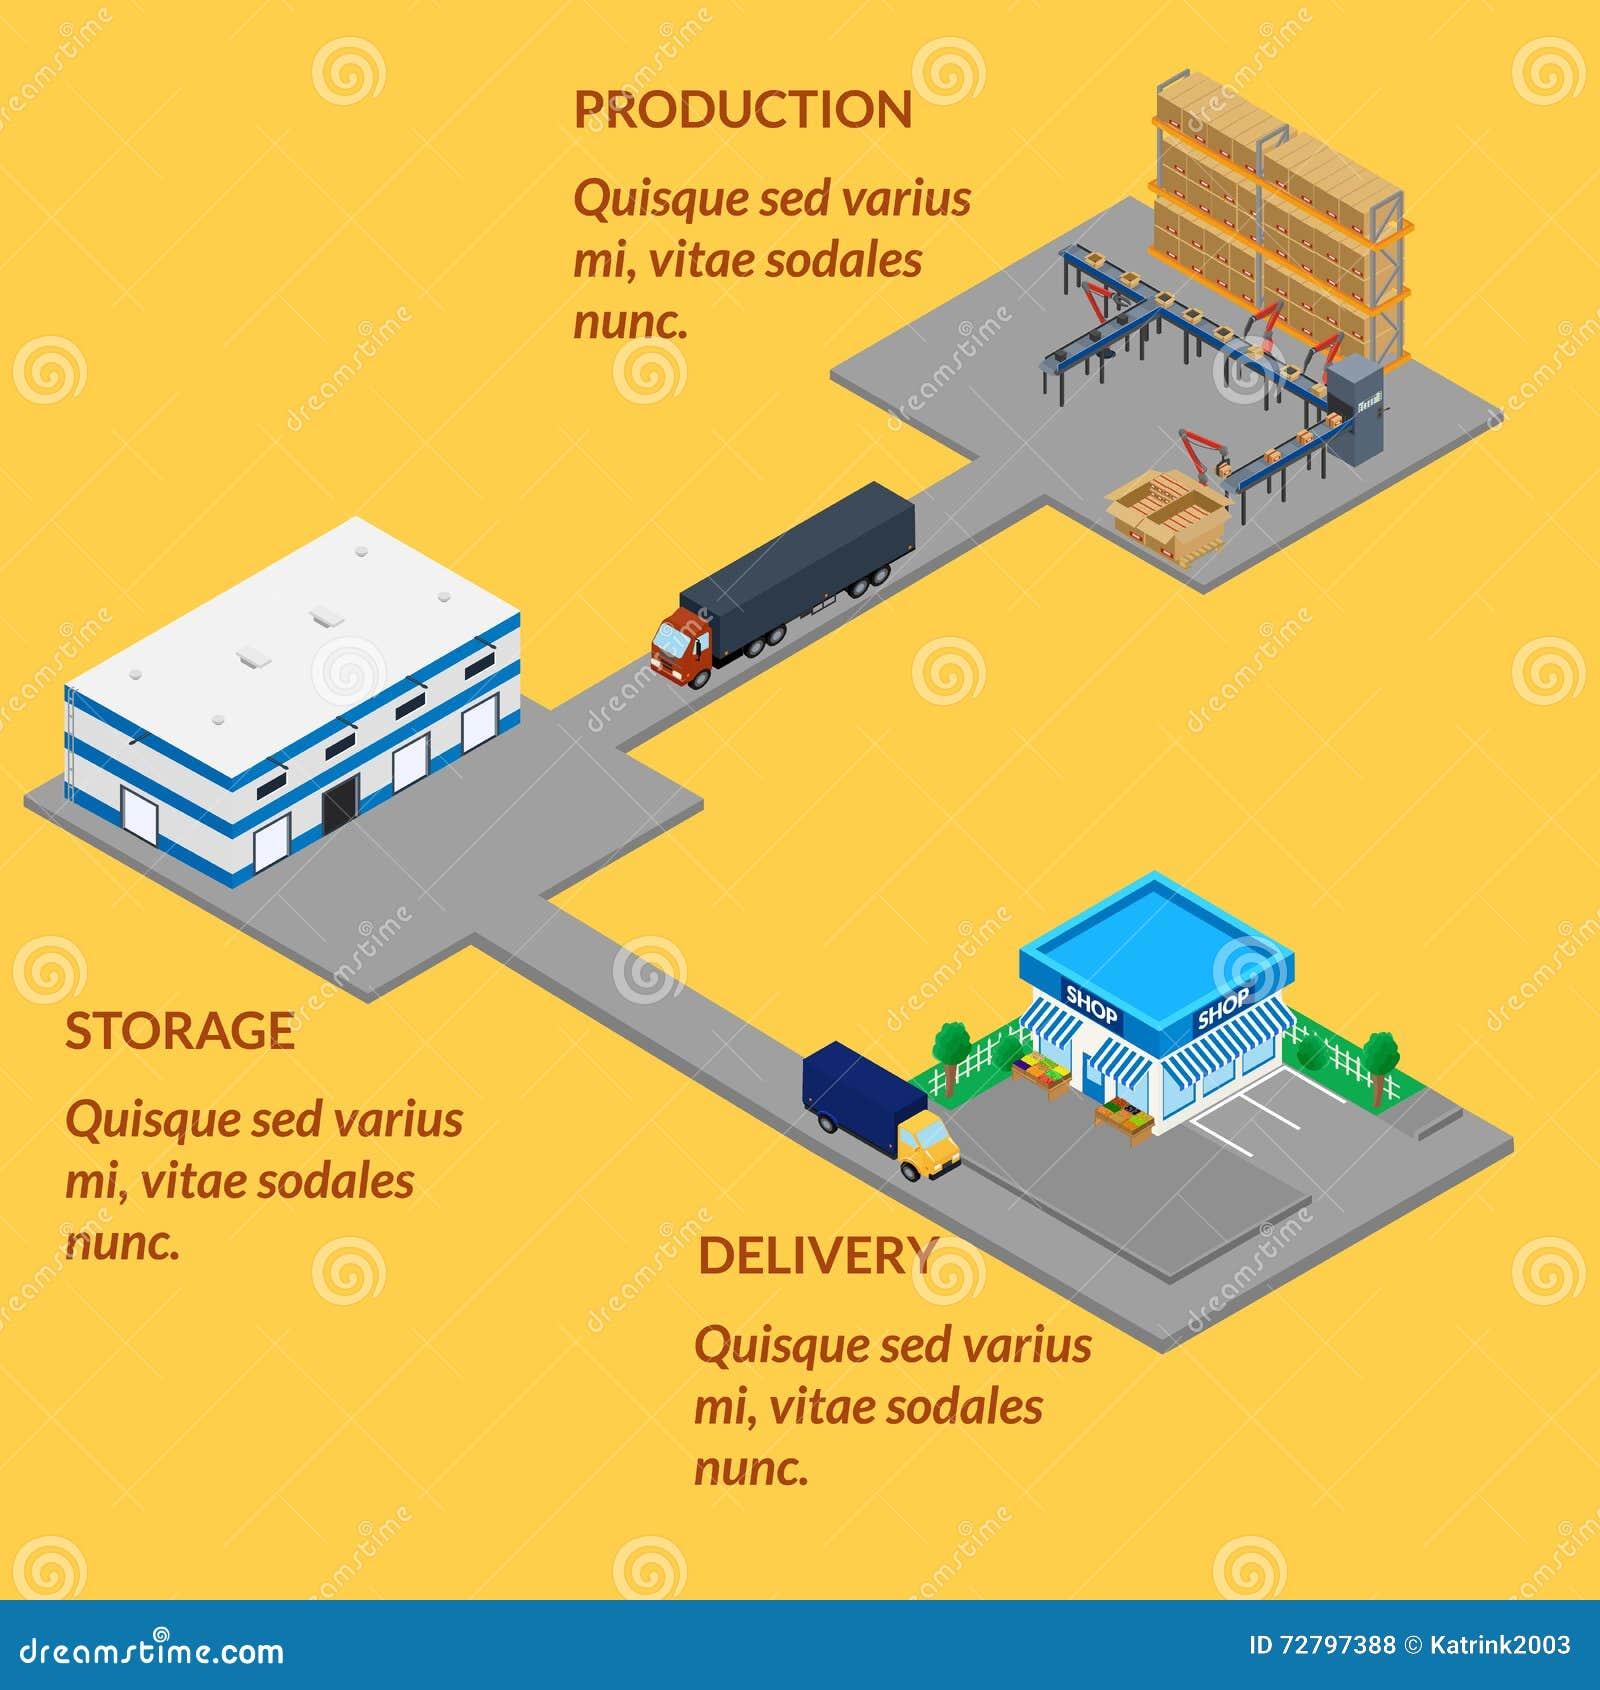 Αυτοματοποιημένη γραμμή μεταφορέων παραγωγής, αποθήκη εμπορευμάτων, κατάστημα